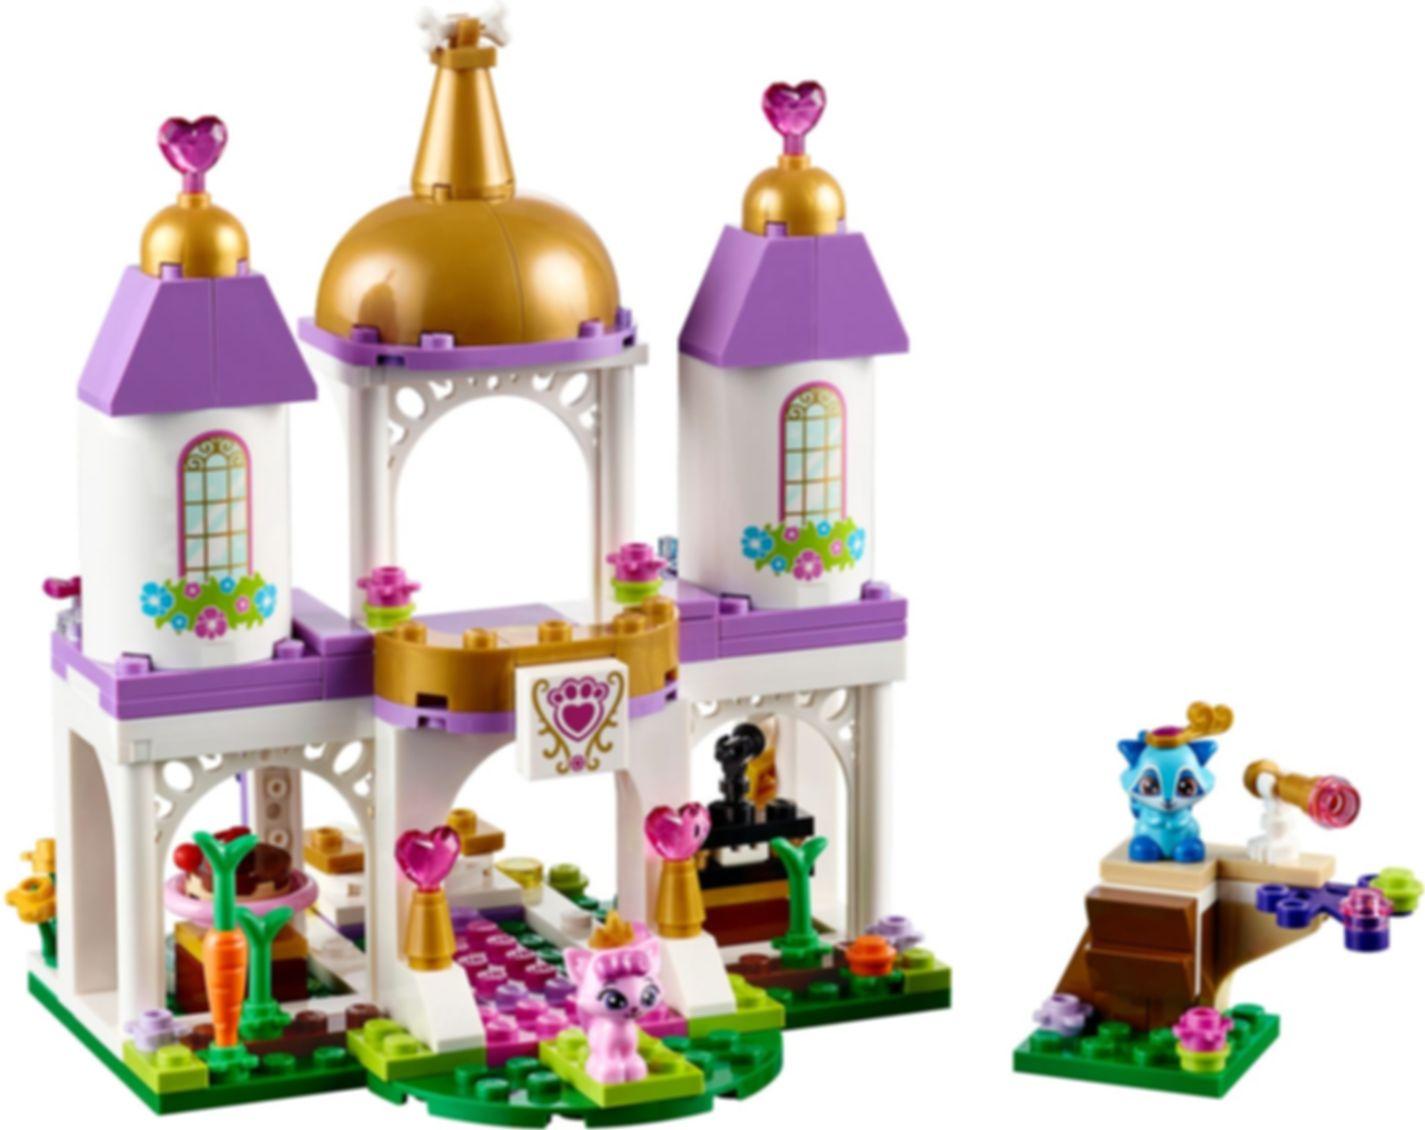 Palace Pets Royal Castle components